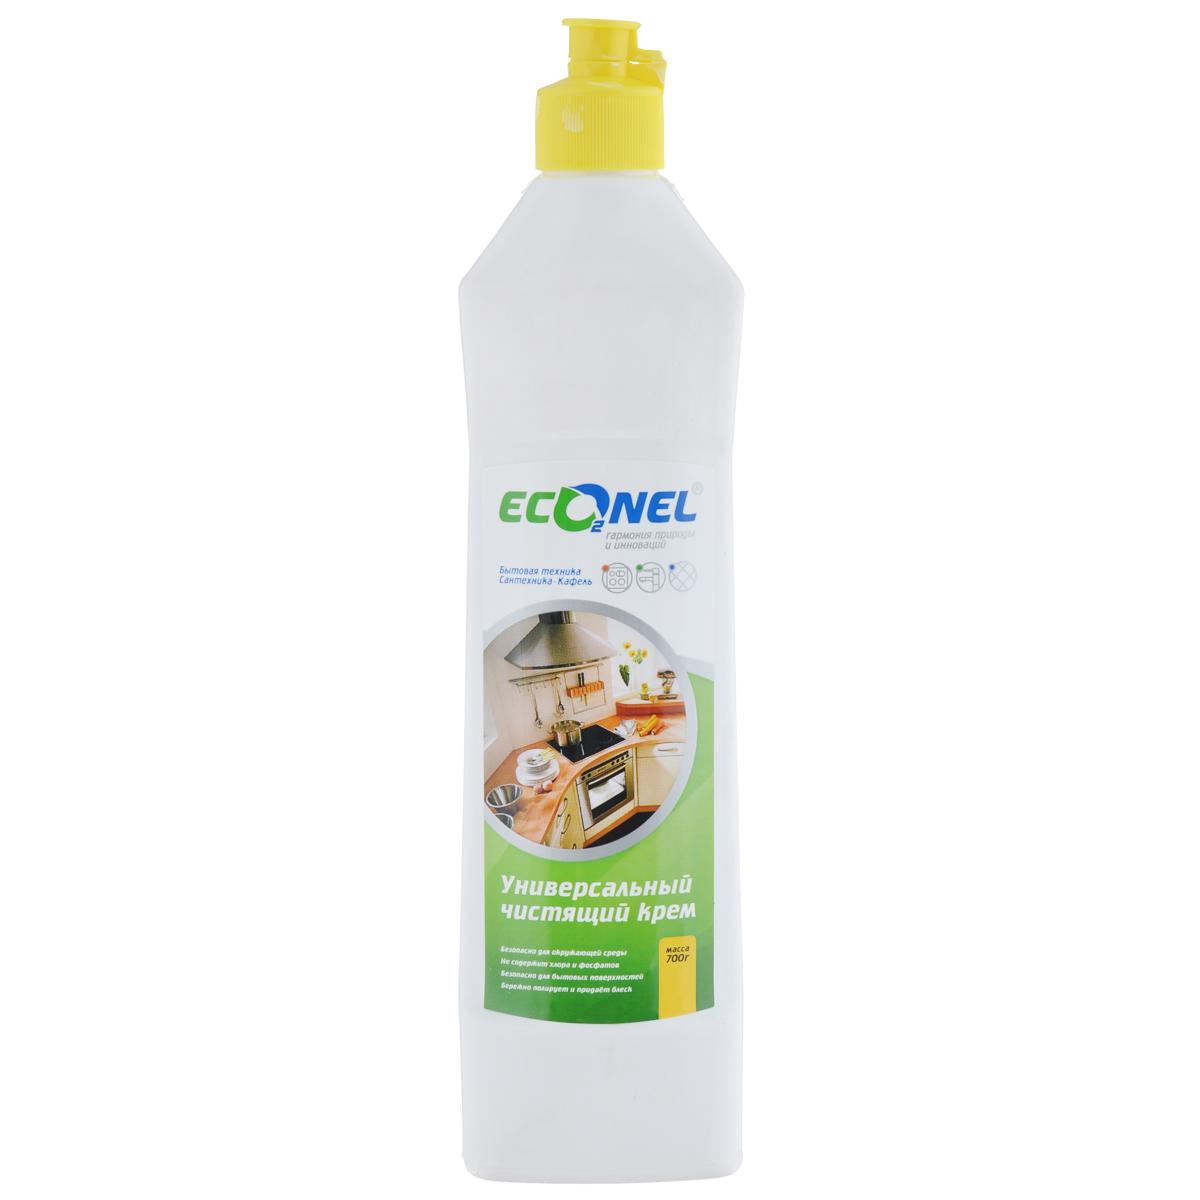 Крем чистящий Econel, универсальный, 700 г870240Универсальное чистящее средство Econel деликатно и эффективно удалит стойкую грязь, жировые и известковые налеты, остатки пригоревшей еды и прочие загрязнения, характерные для кухни и ванной комнаты. Идеально подходит для чистки эмалированных, хромированных поверхностей, изделий из стекла, нержавеющей стали, фарфора, фаянса, серебра. Благодаря мягкой абразивной текстуре кремообразное средство проникает в структуру загрязнения, устраняет ее, не причиняя вреда очищаемой поверхности. Состав: менее 5%: анионные поверхностно-активные вещества, неионогенные поверхностно-активные вещества, кислота олеиновая, натр едкий, полиоксихлорид алюминия, консервант, ароматизирующая добавка; более 30%: мягкий абразивный наполнитель, вода очищенная.Как выбрать качественную бытовую химию, безопасную для природы и людей. Статья OZON Гид